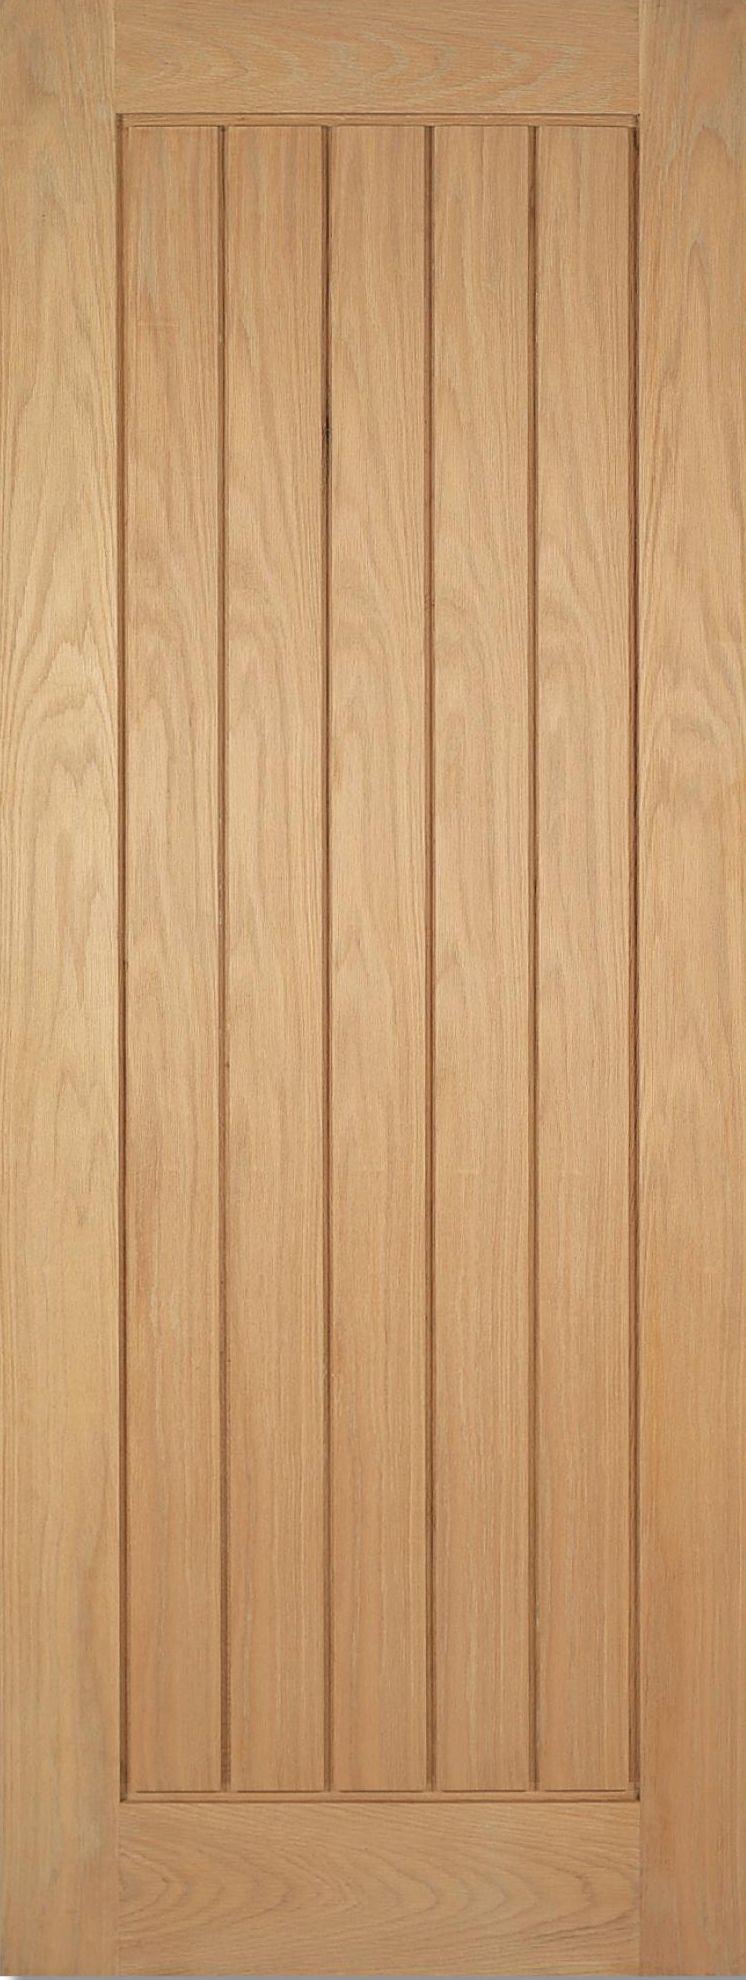 Prefinished mexicano oak door image diy pinterest traditional prefinished mexicano oak door image planetlyrics Gallery